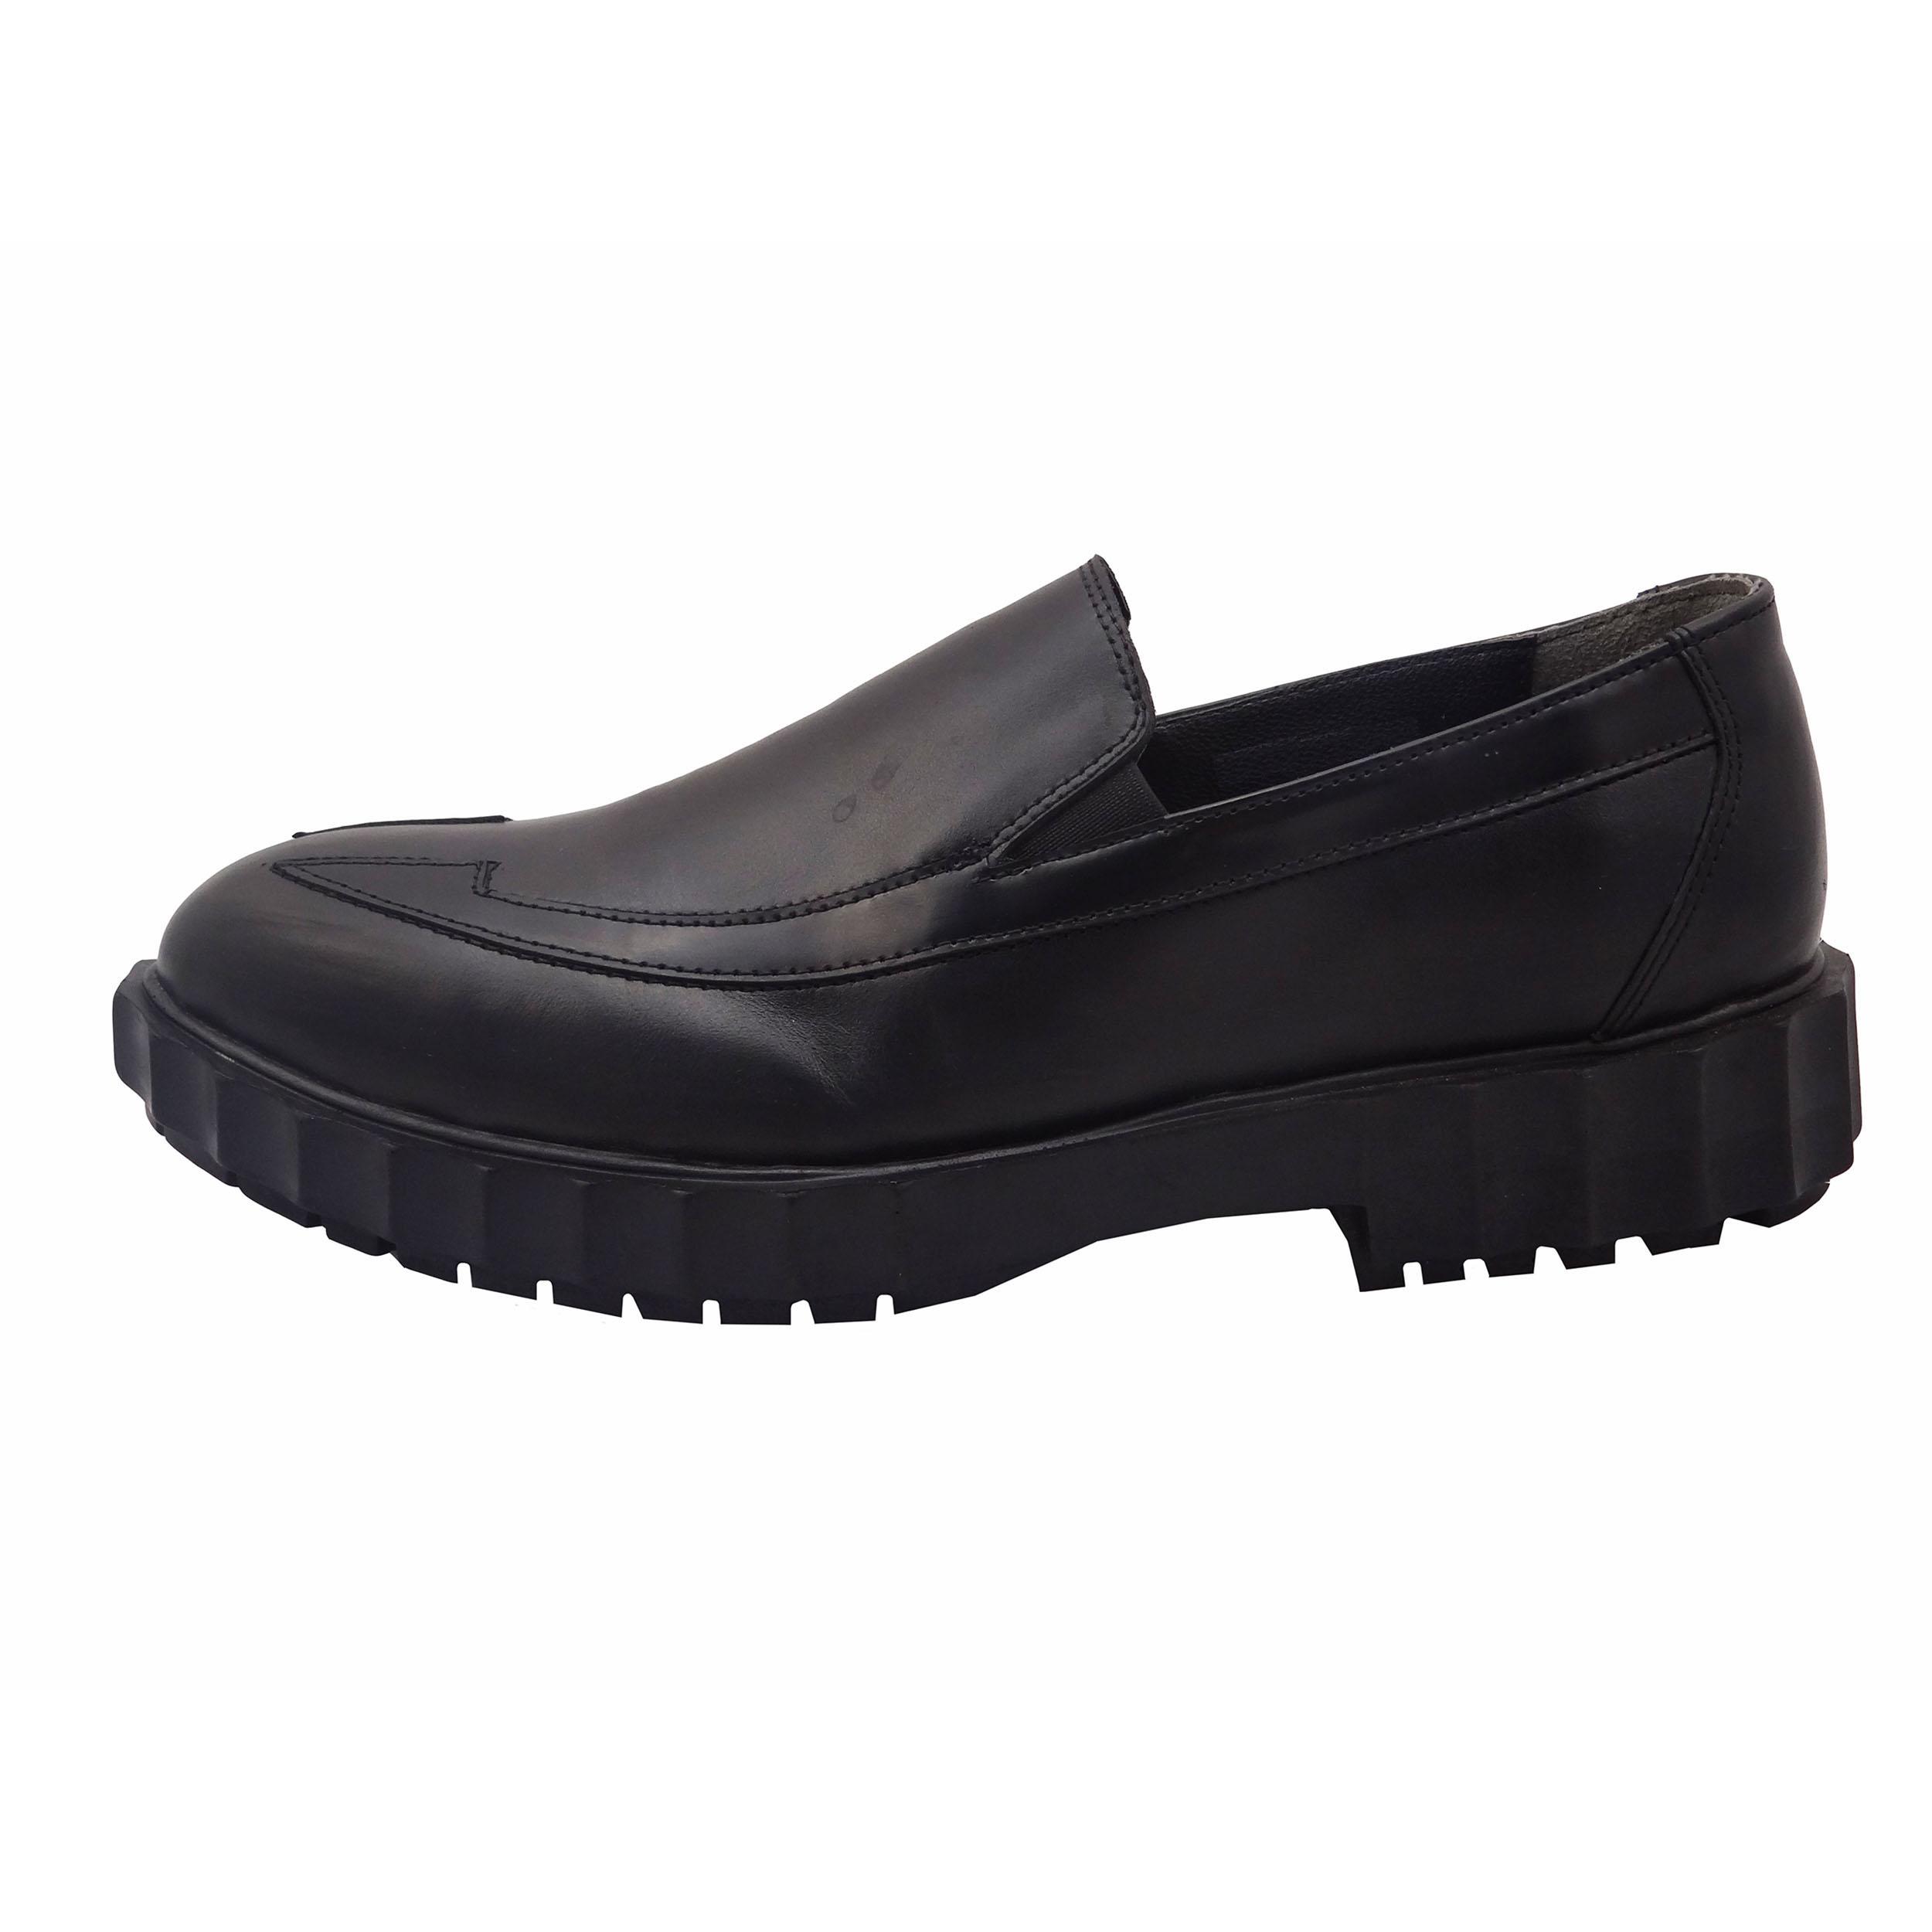 قیمت کفش چرمی مردانه مدل ساعتی کد B7